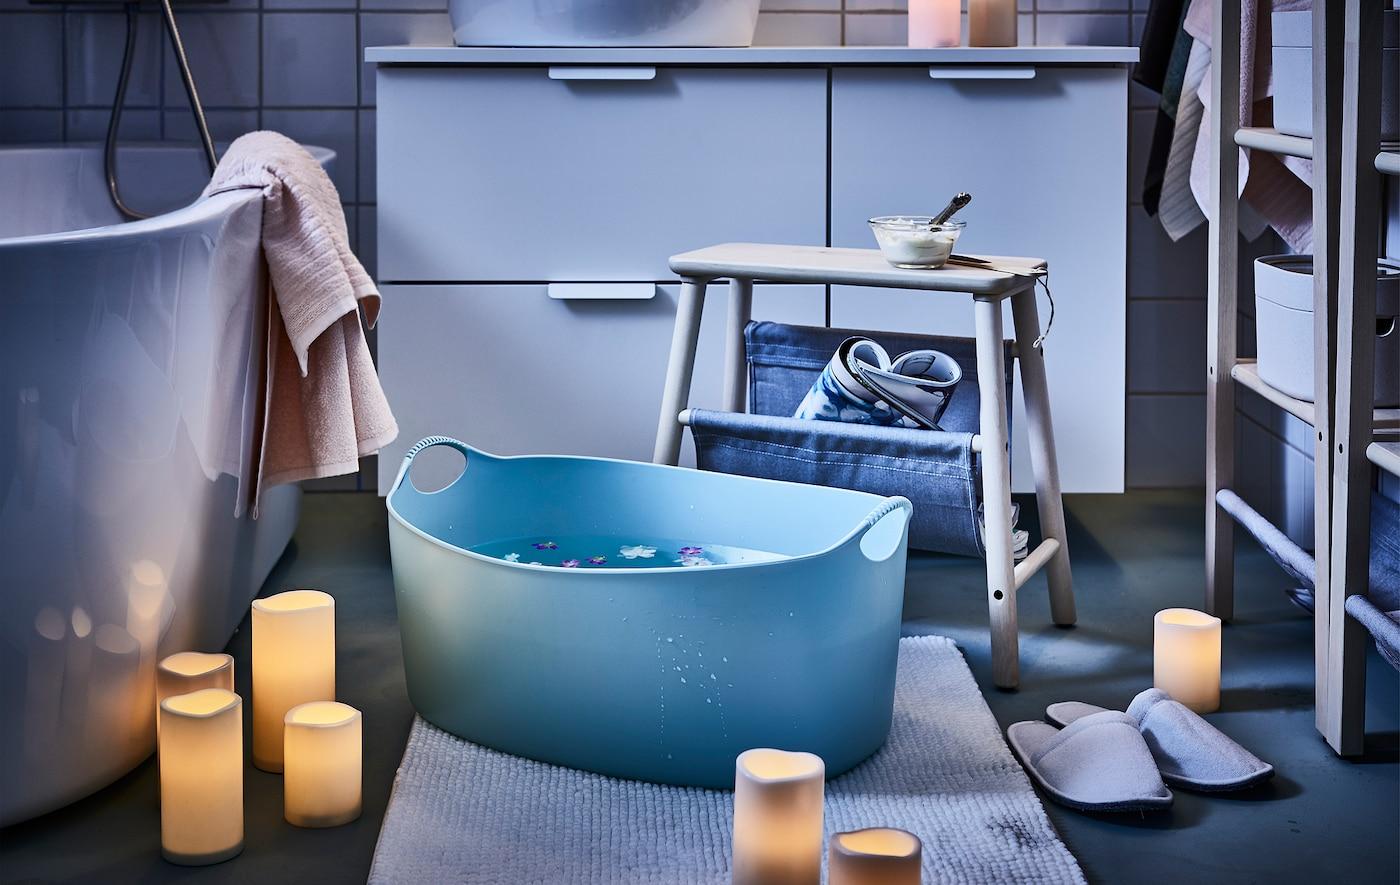 バスルーム。LEDブロックキャンドルがいくつも置かれ、雰囲気のある照明。スツールの横にフットバスが置かれ、フットバスの中のお湯には花を浮かべてある。